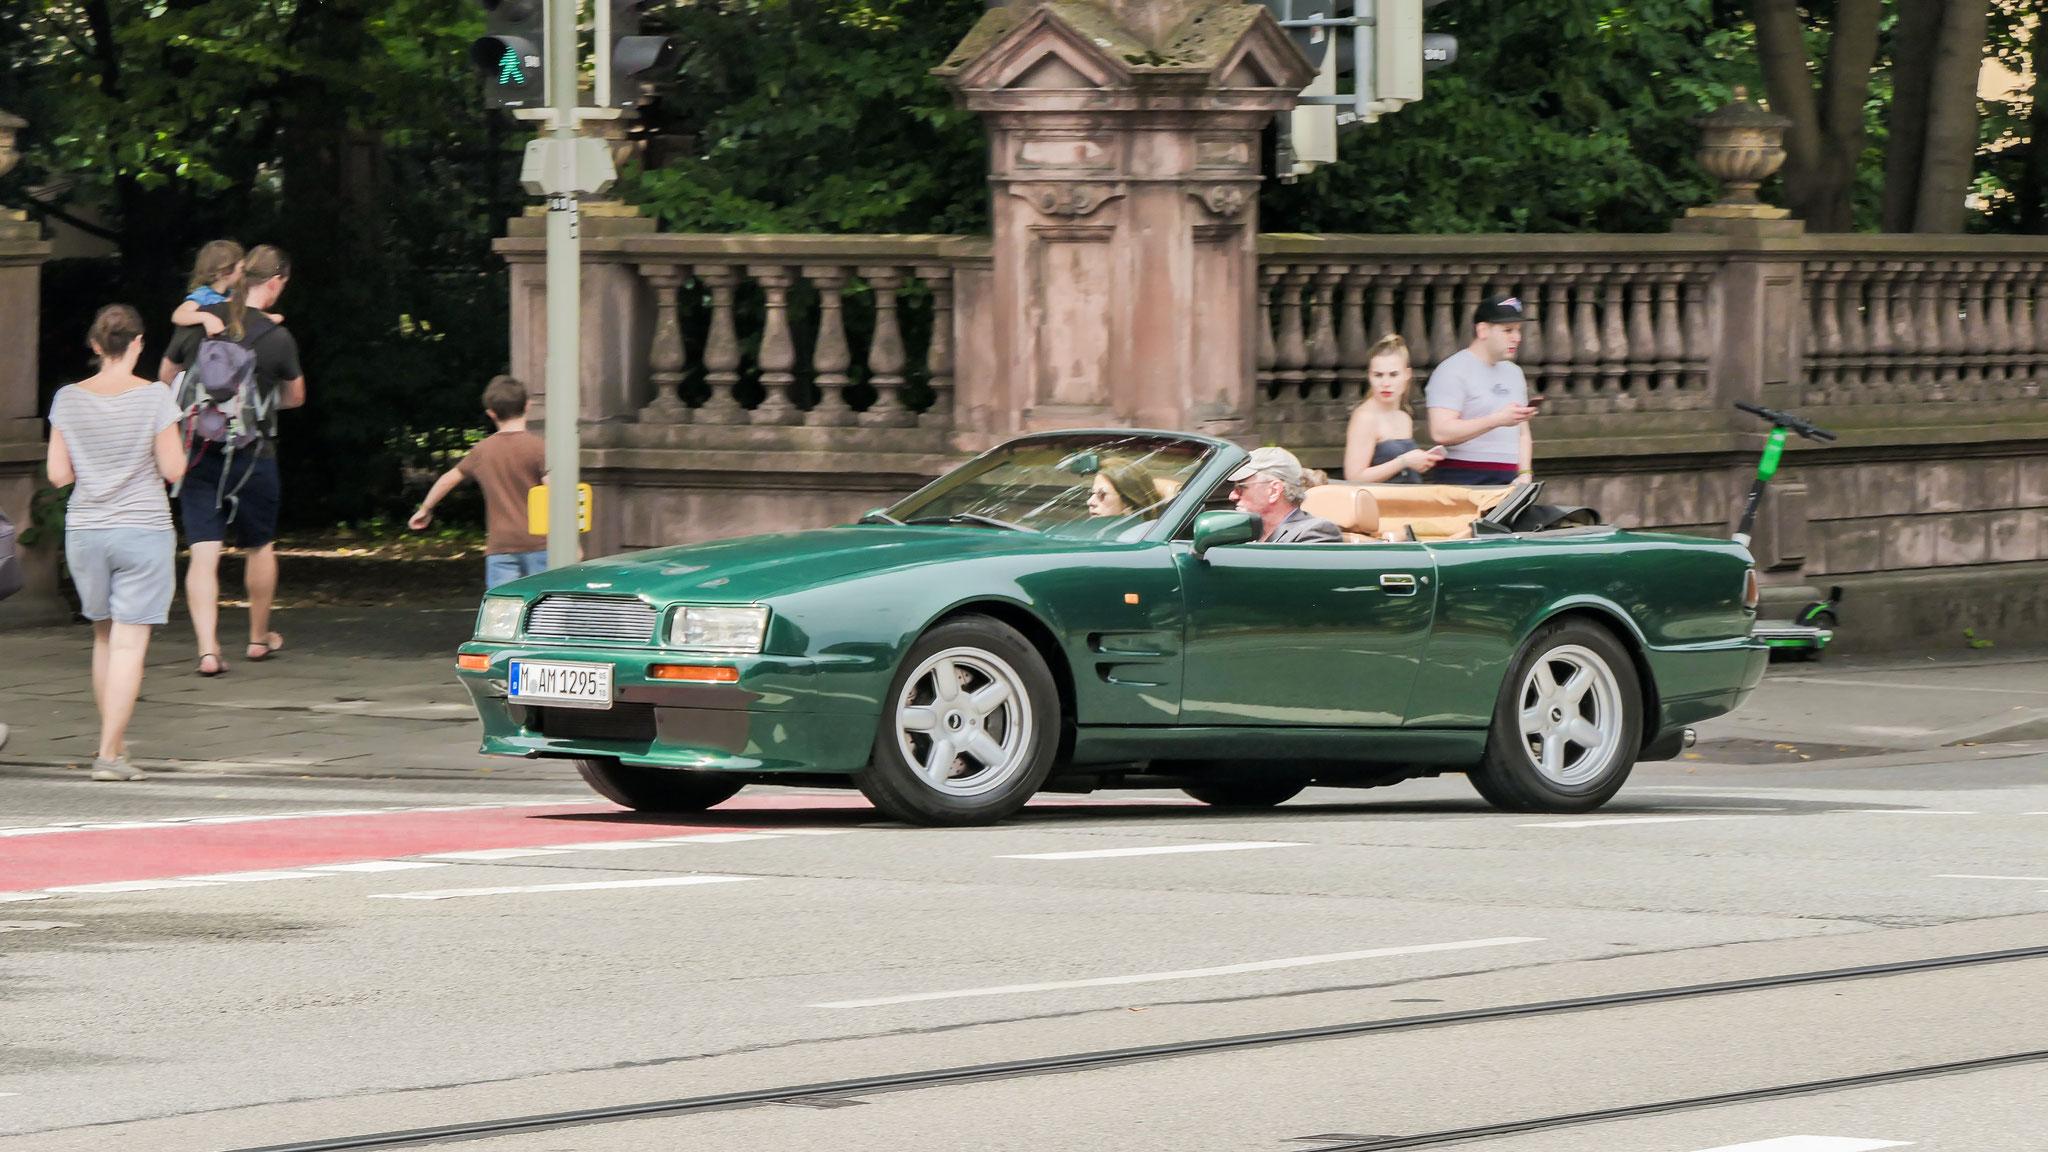 Aston Martin Virage - M-AM-1295